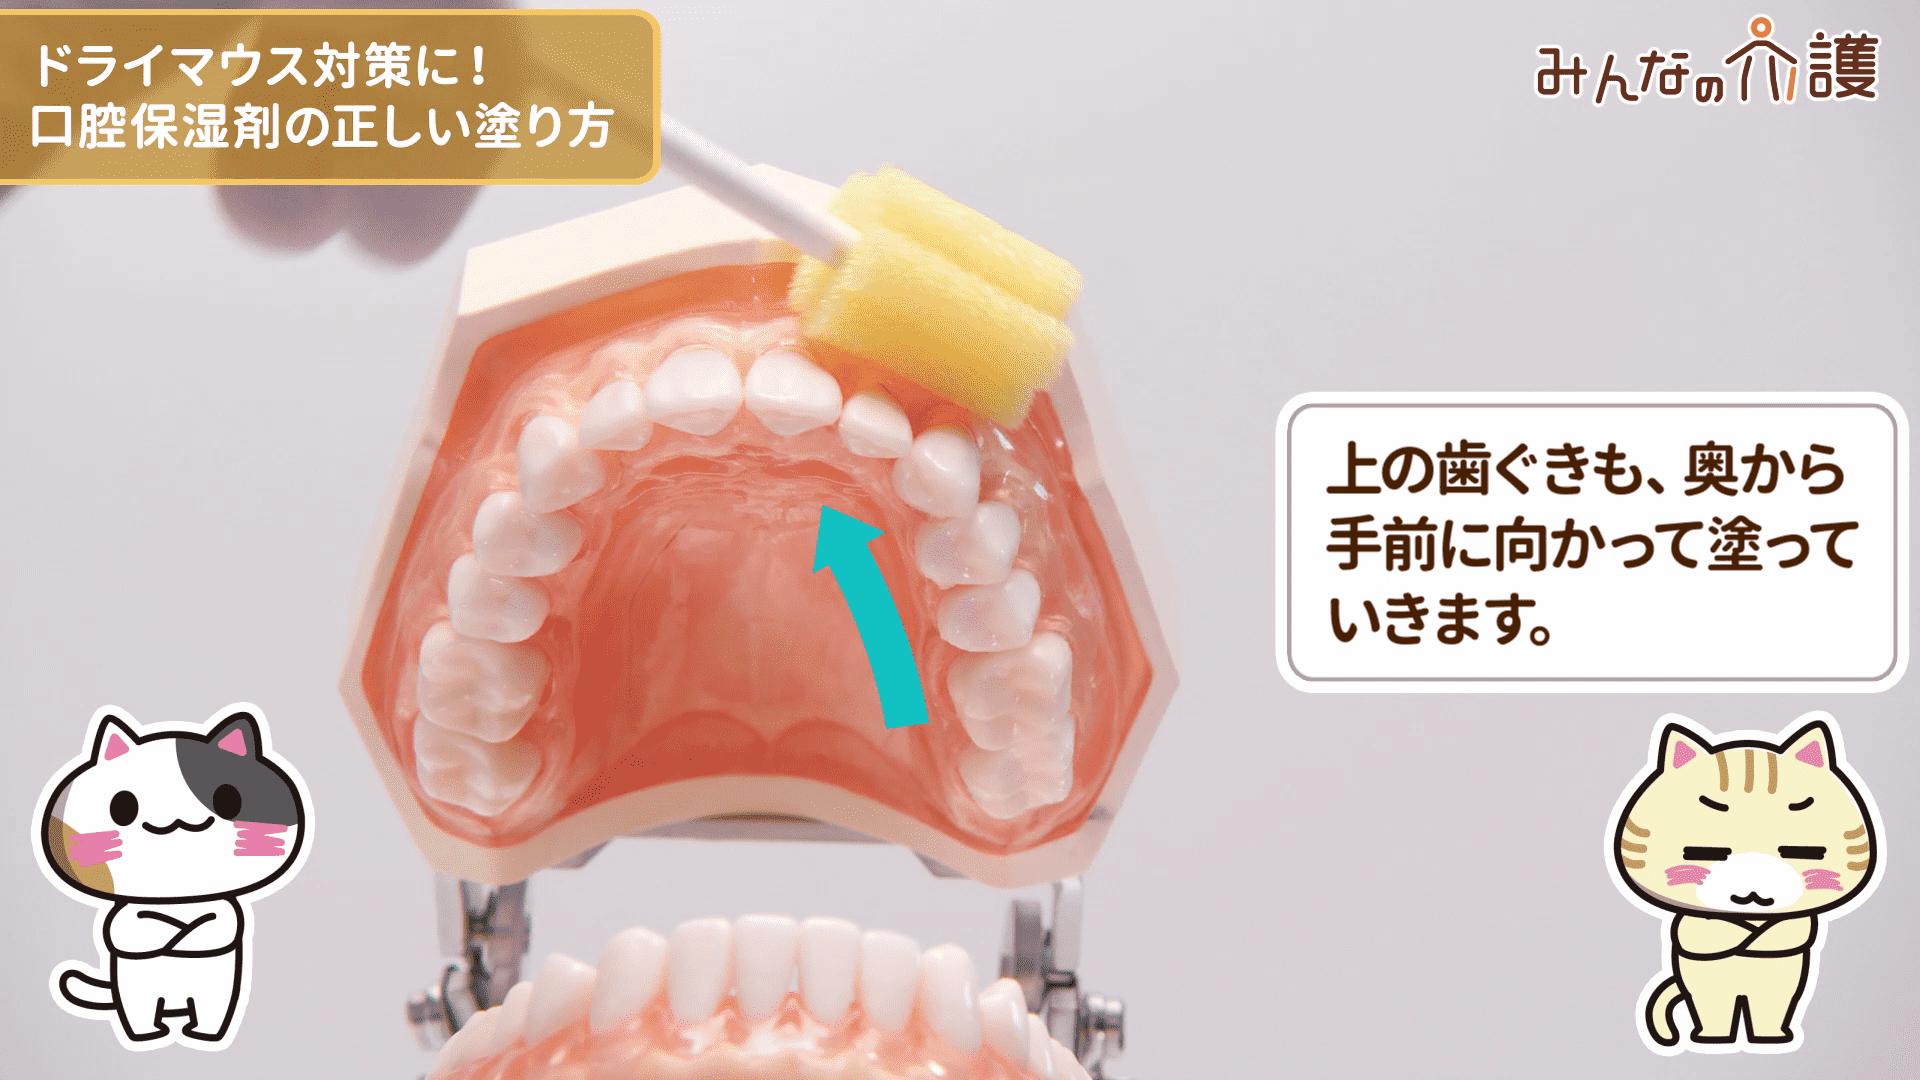 上の歯ぐきに塗る様子